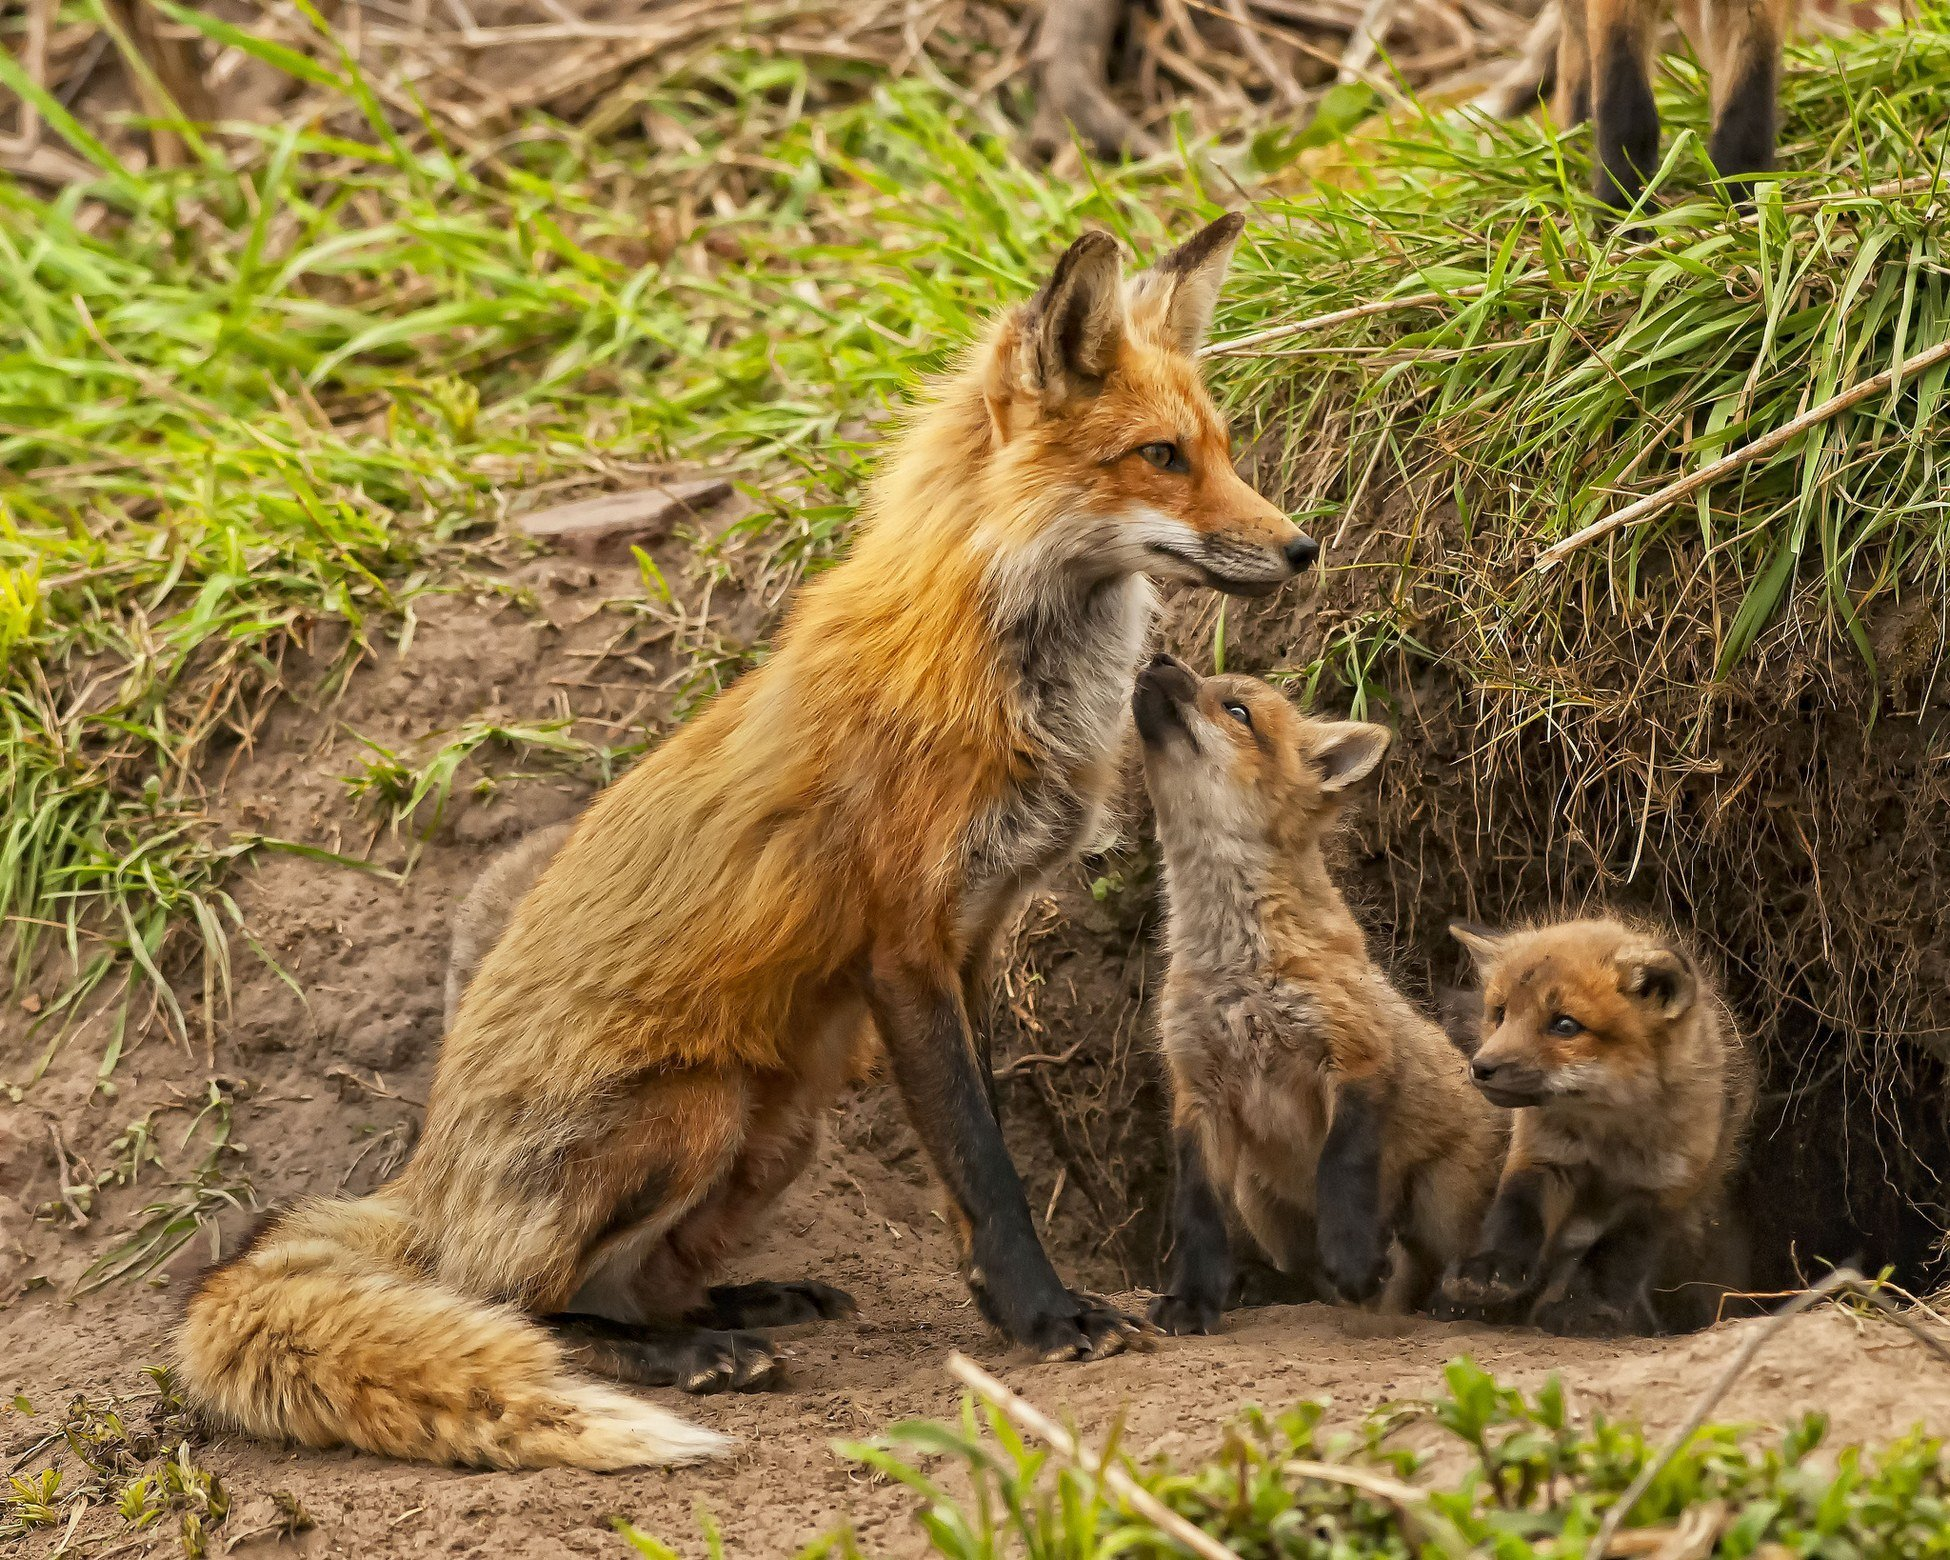 фото лиса с лисятами